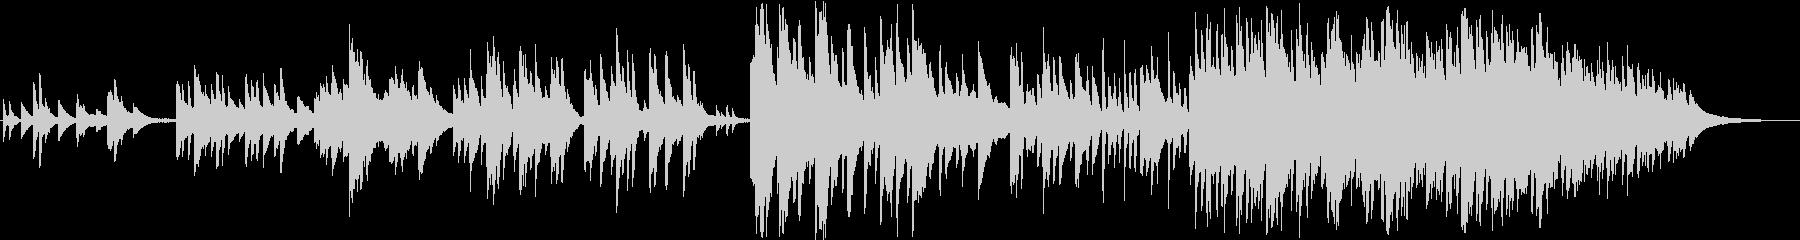 切なく幻想的なイメージのピアノ曲の未再生の波形